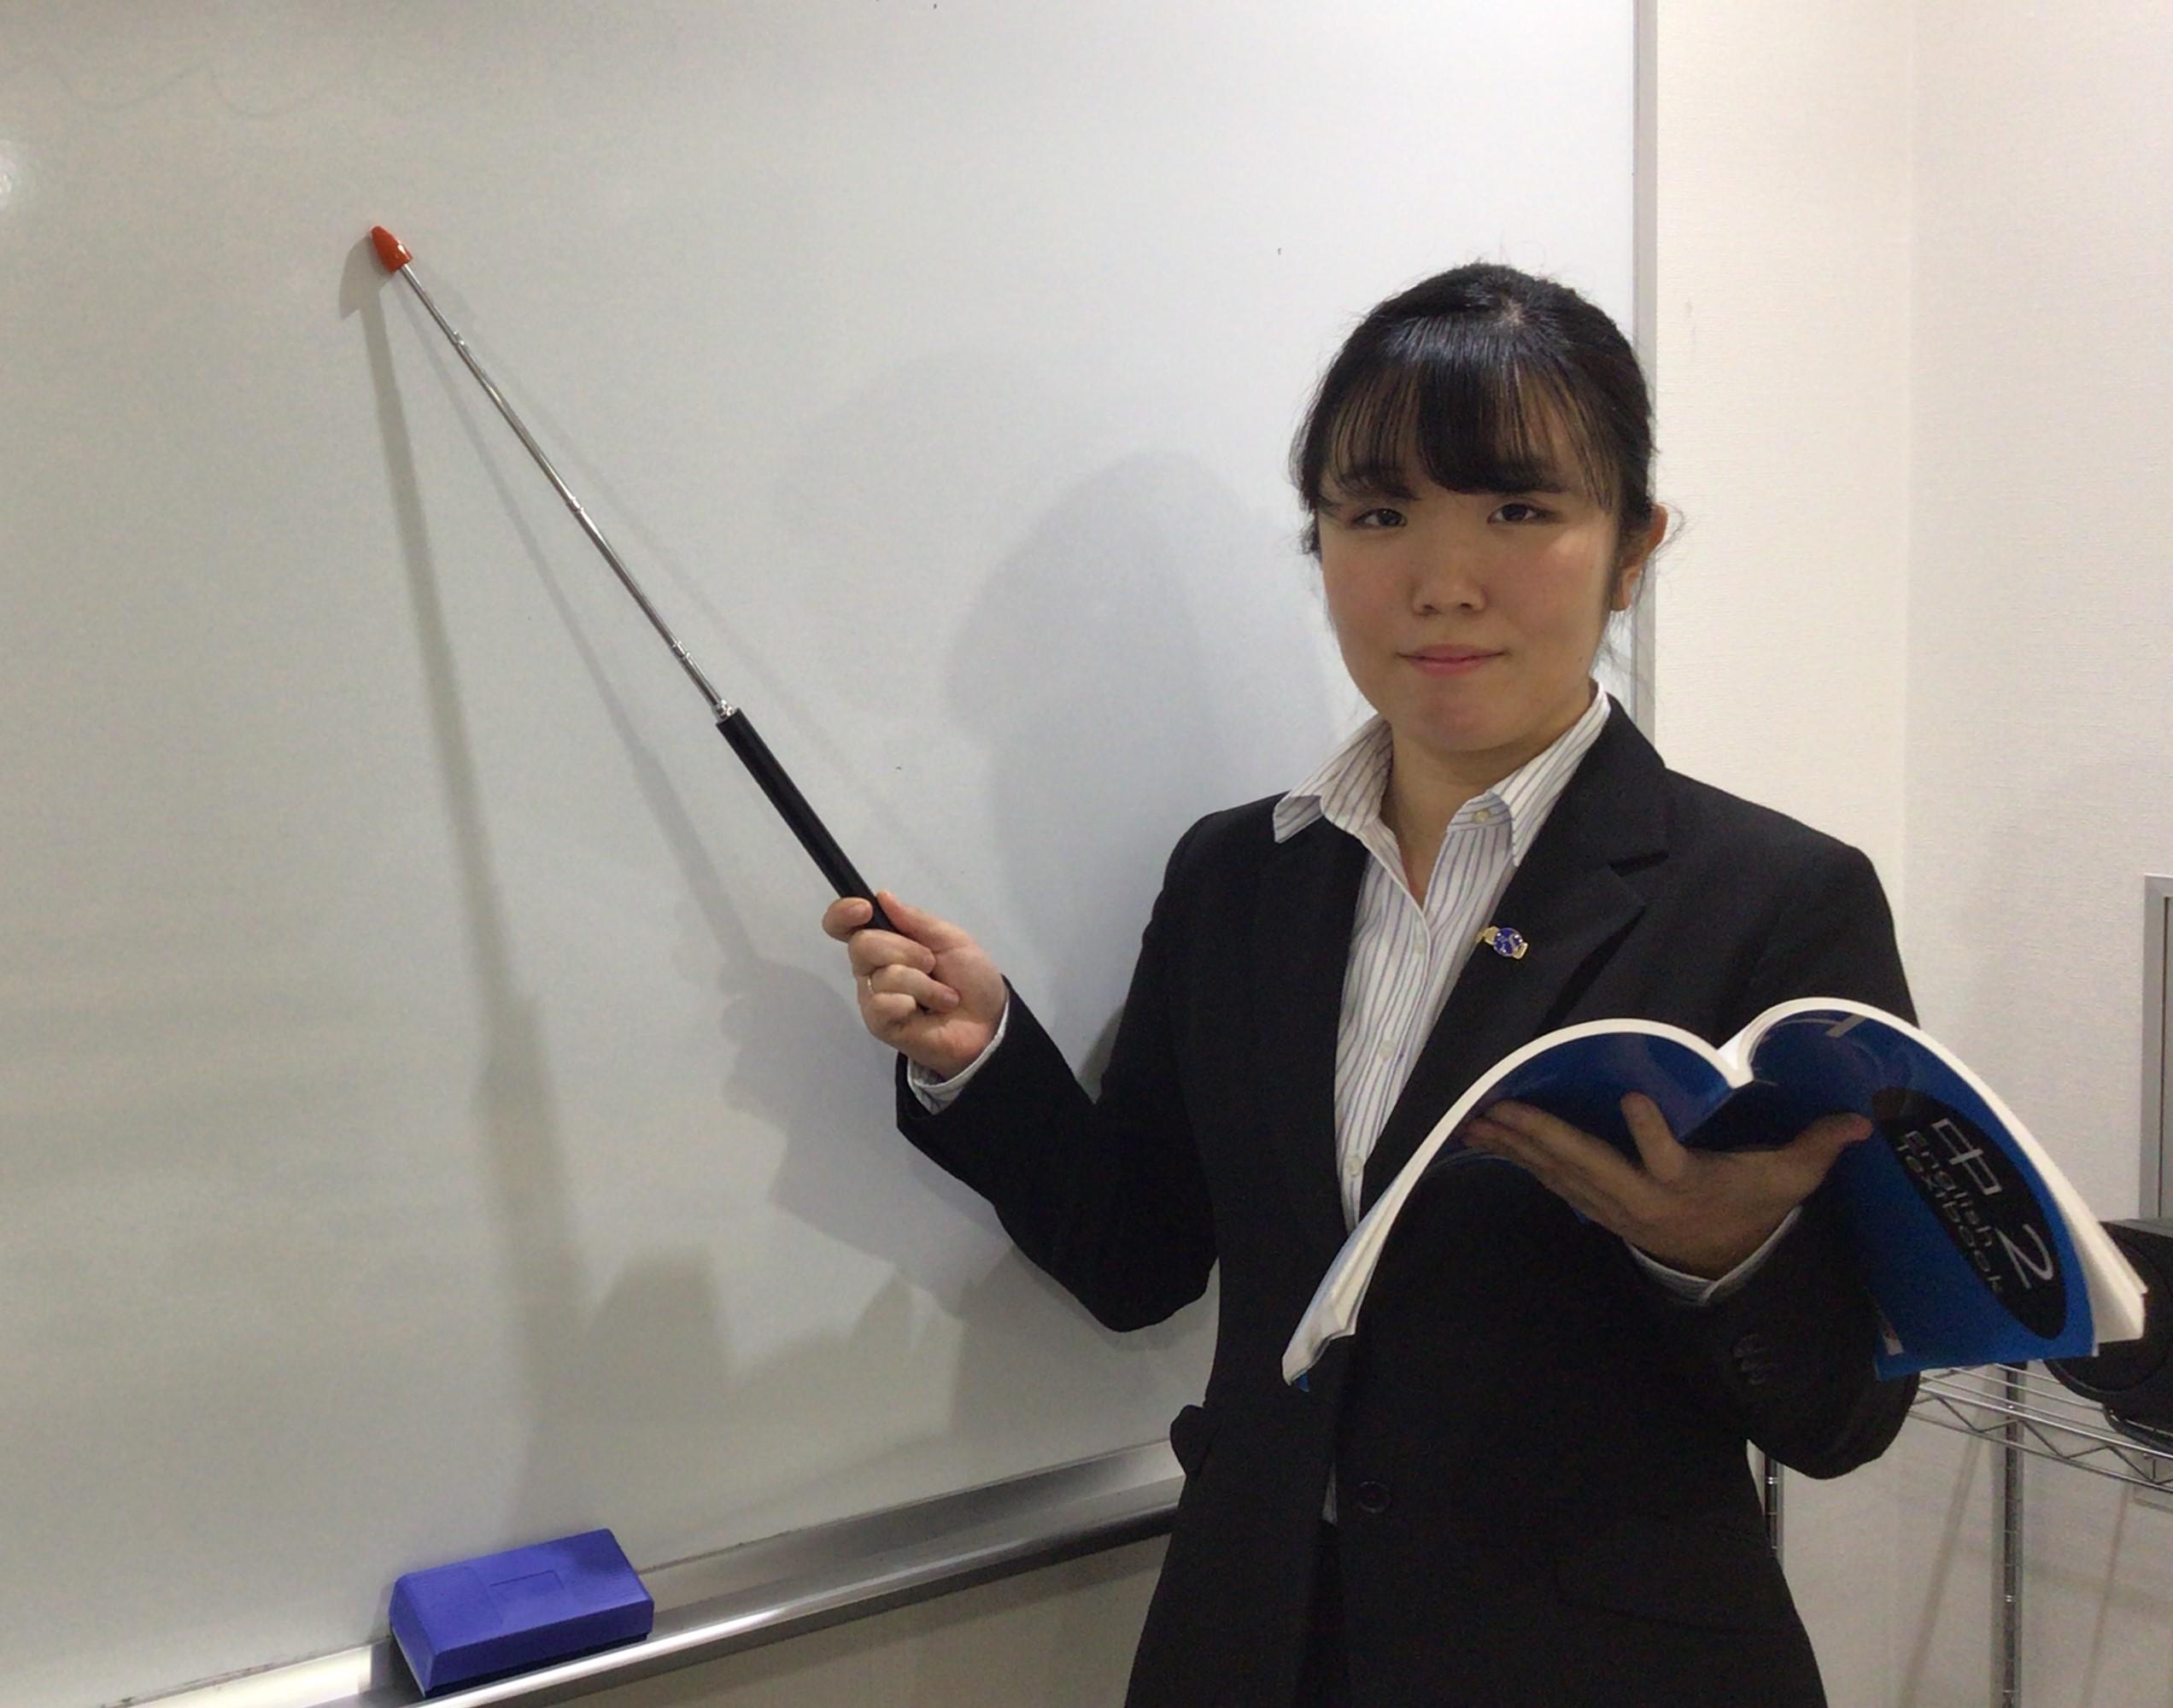 伊藤先生の写真